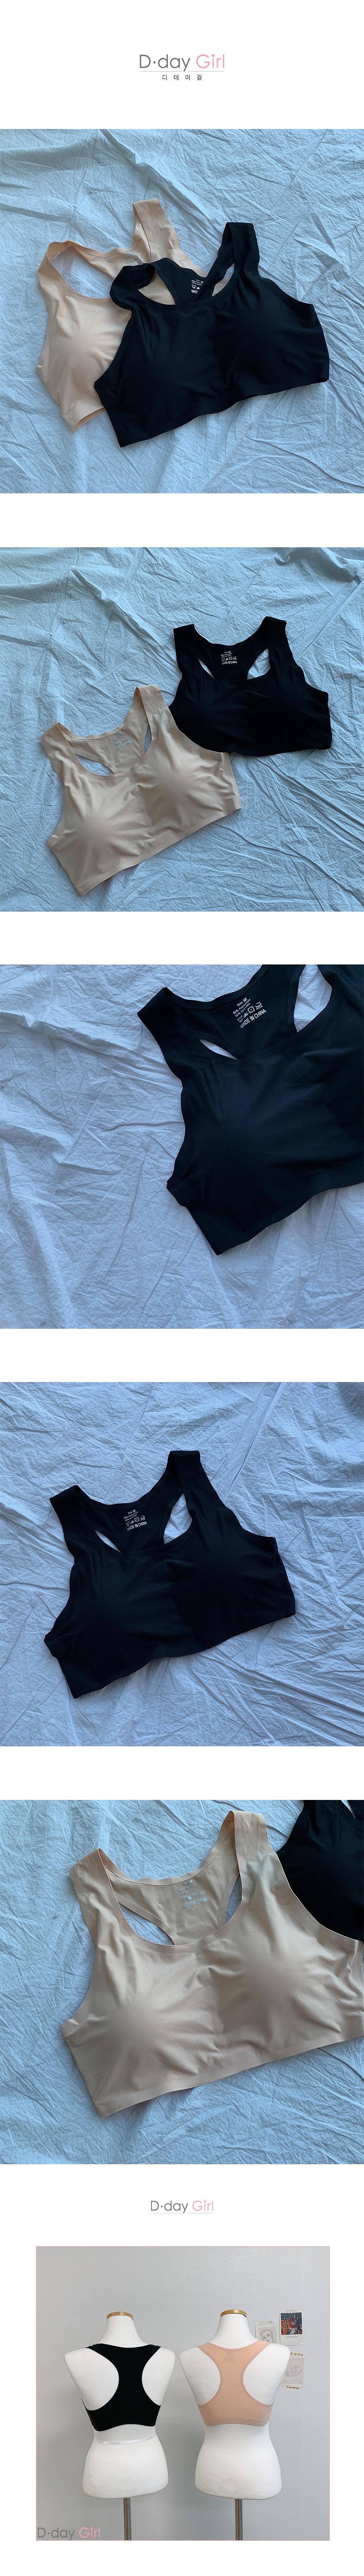 Seamless back side X inner bra